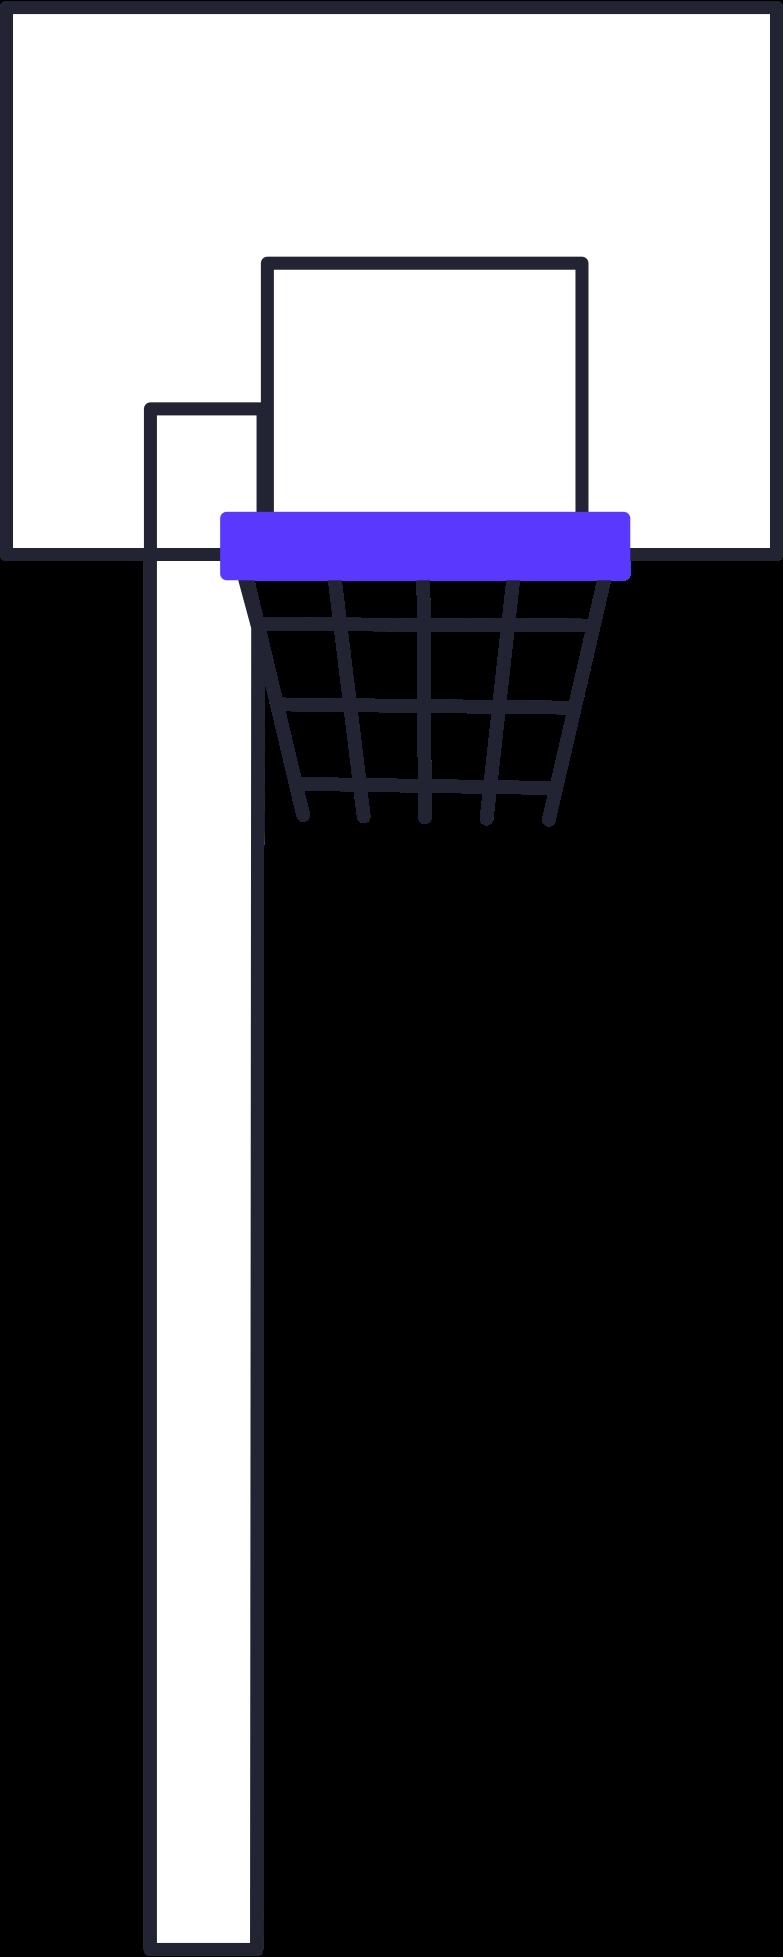 basketball hoop Clipart illustration in PNG, SVG